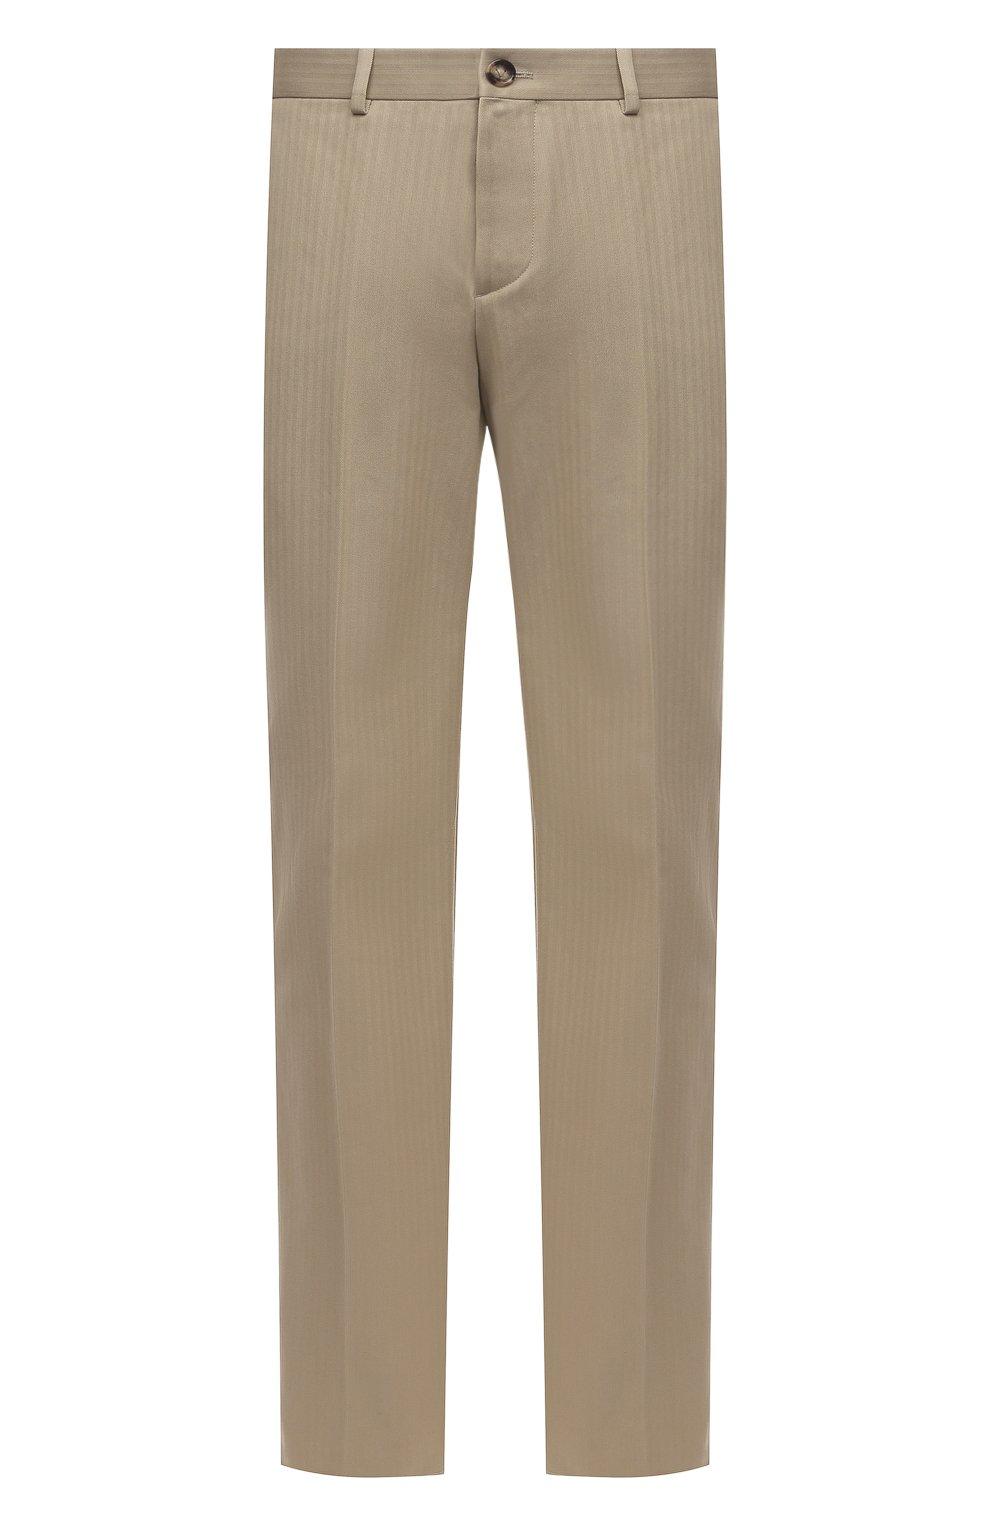 Мужские хлопковые брюки BOTTEGA VENETA бежевого цвета, арт. 651056/V07H0 | Фото 1 (Длина (брюки, джинсы): Стандартные; Случай: Повседневный; Материал внешний: Хлопок; Стили: Минимализм)